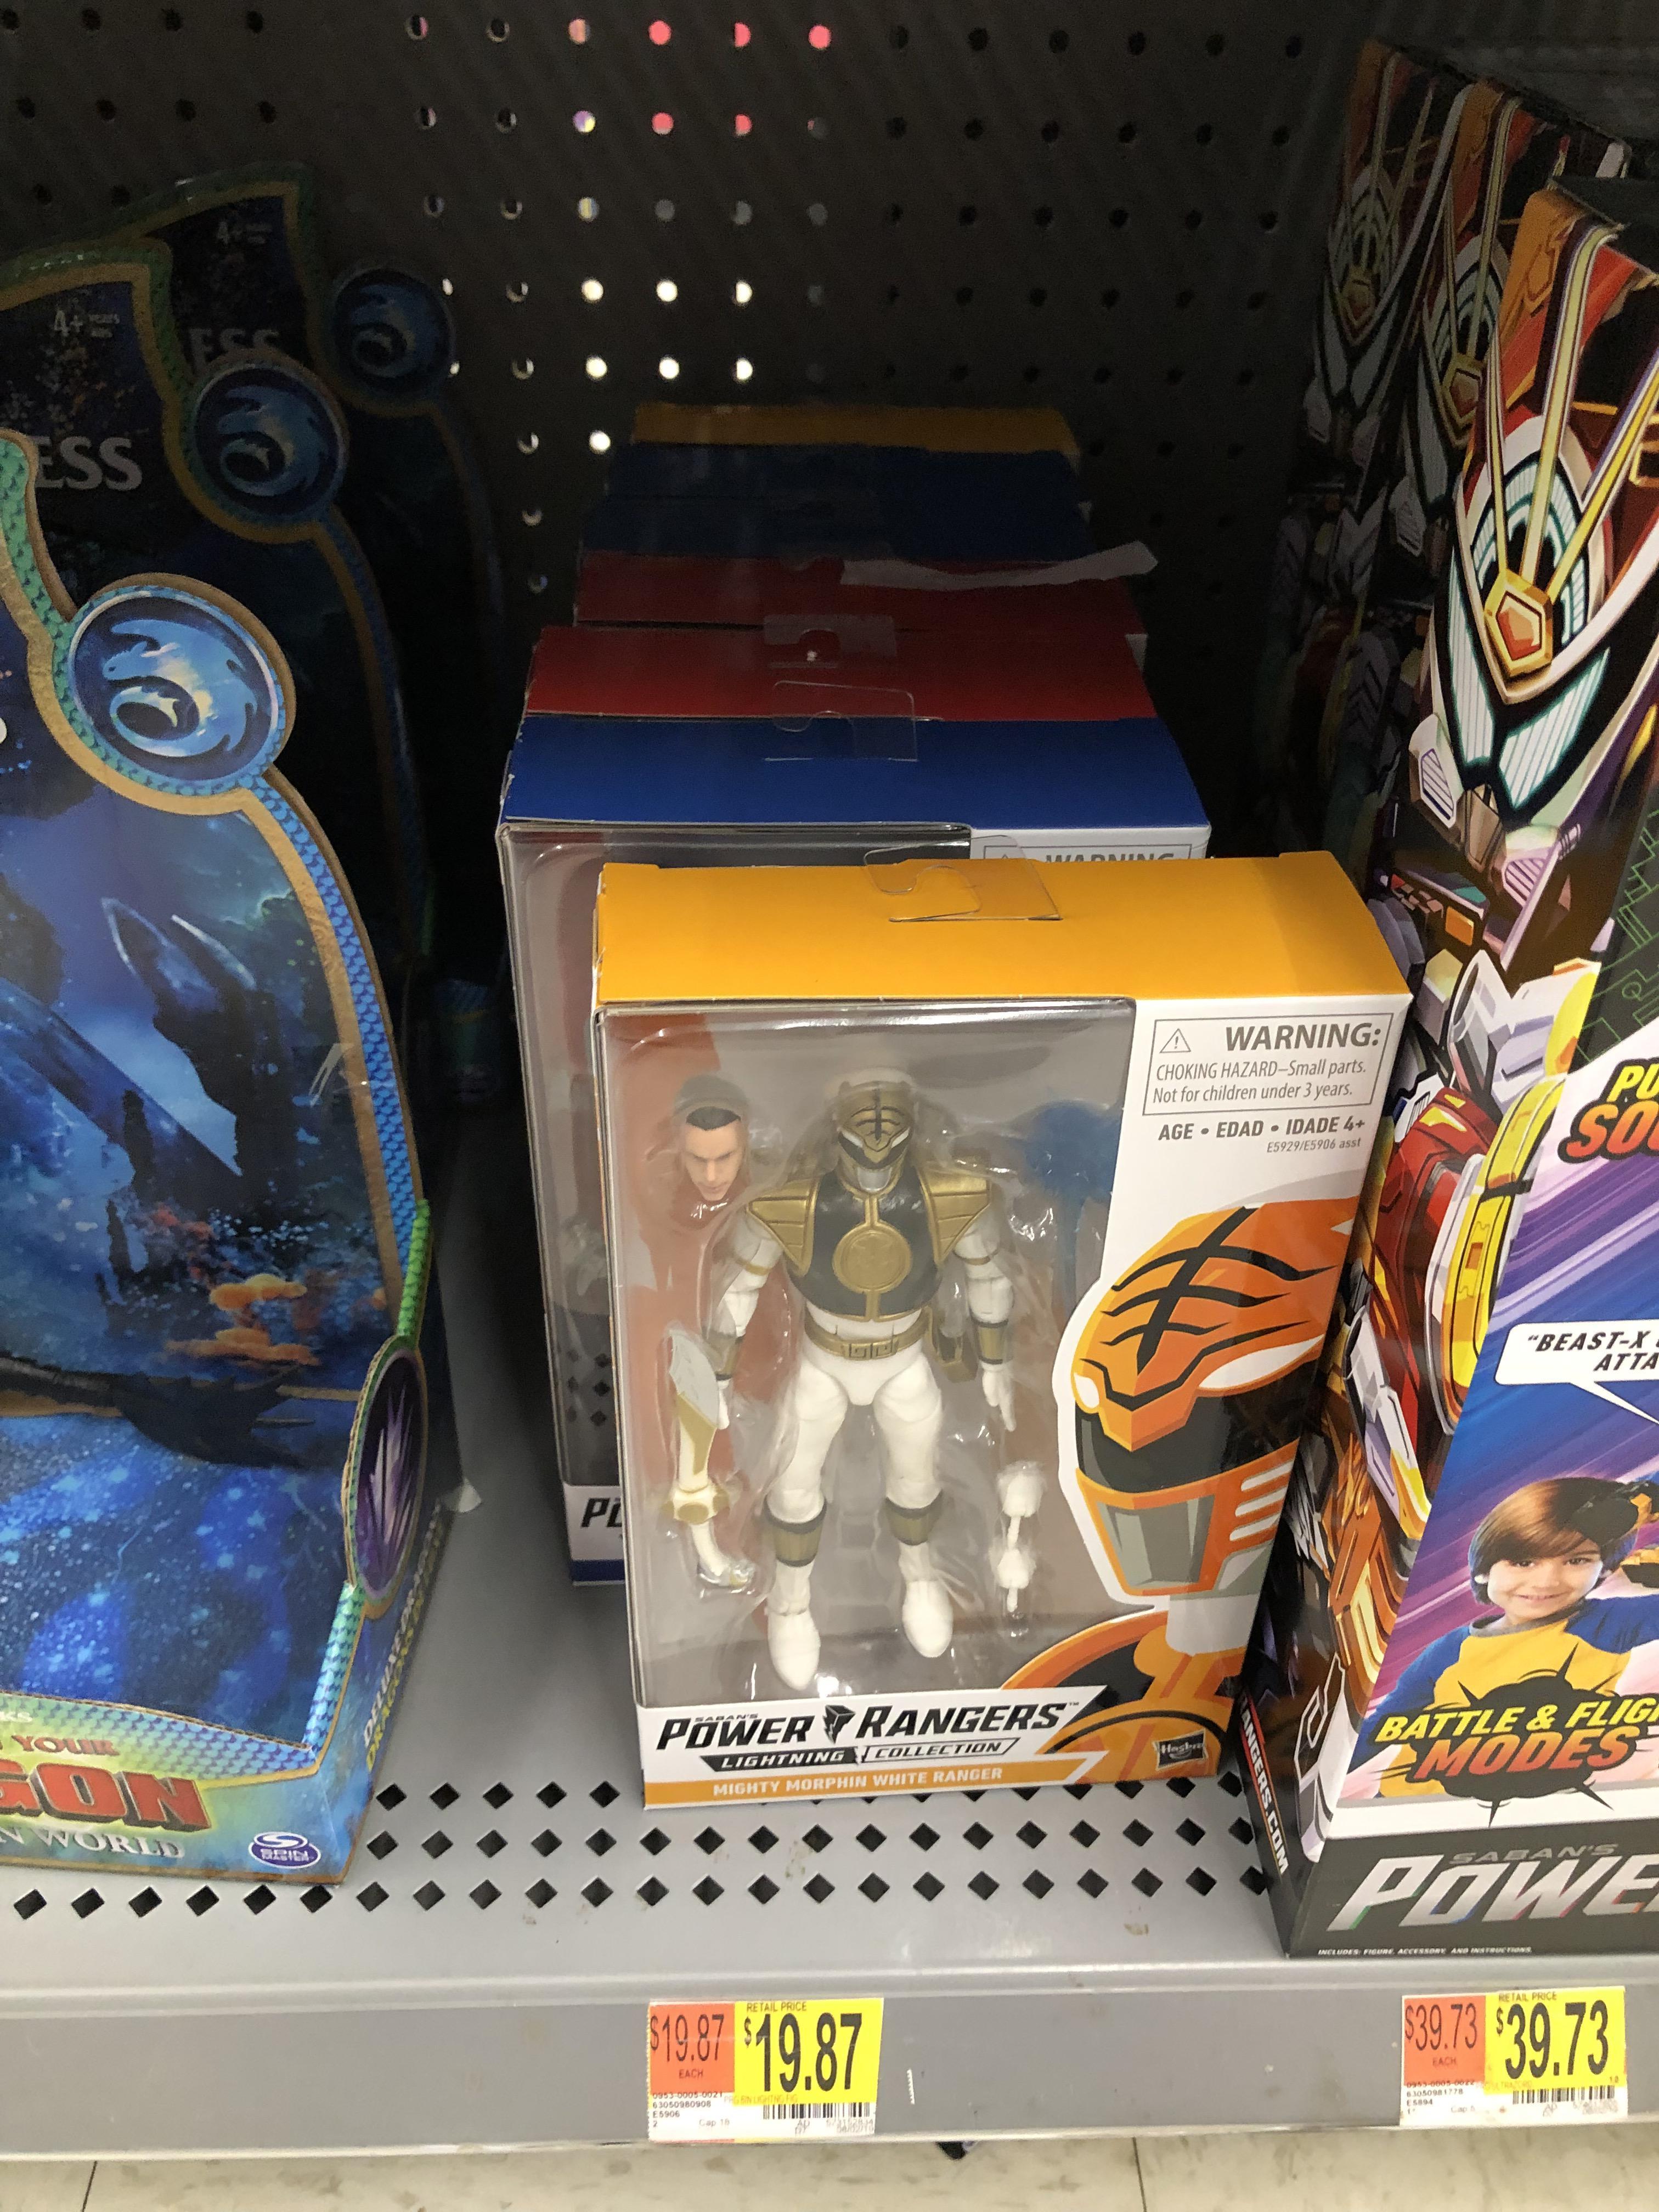 Caught a restock at Walmart : powerrangers